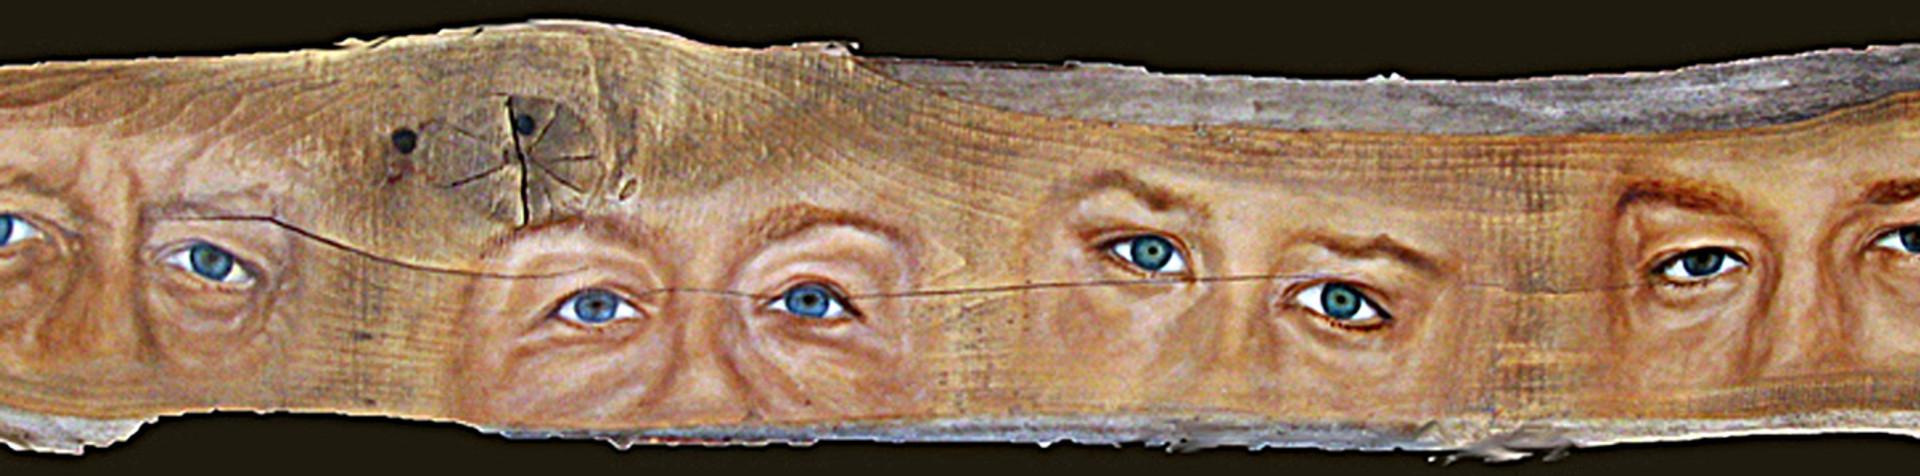 Kozak Family Portrait - Eyes